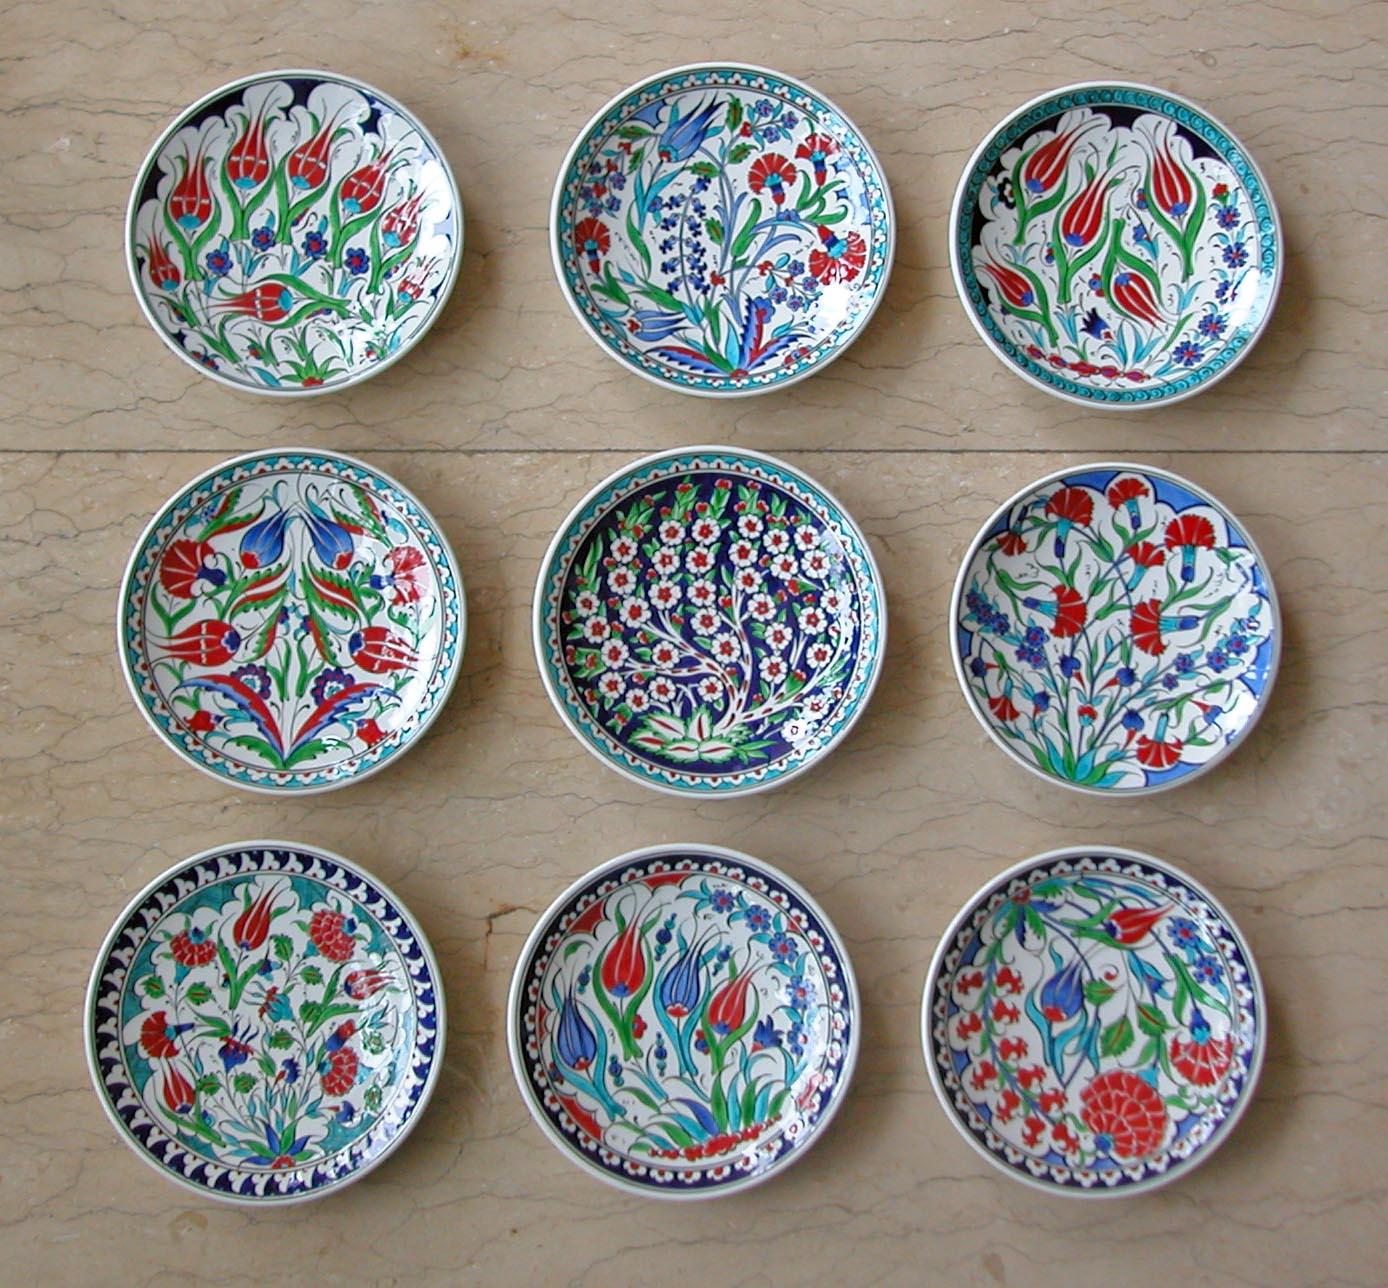 Klasik Çini Tabak Desenleri Duvara Asmalı Dekoratif Tabaklar  Klasik Desen Samur Fırça iznik ve Kütahya çini Tabak Çini sanatı örnekleri